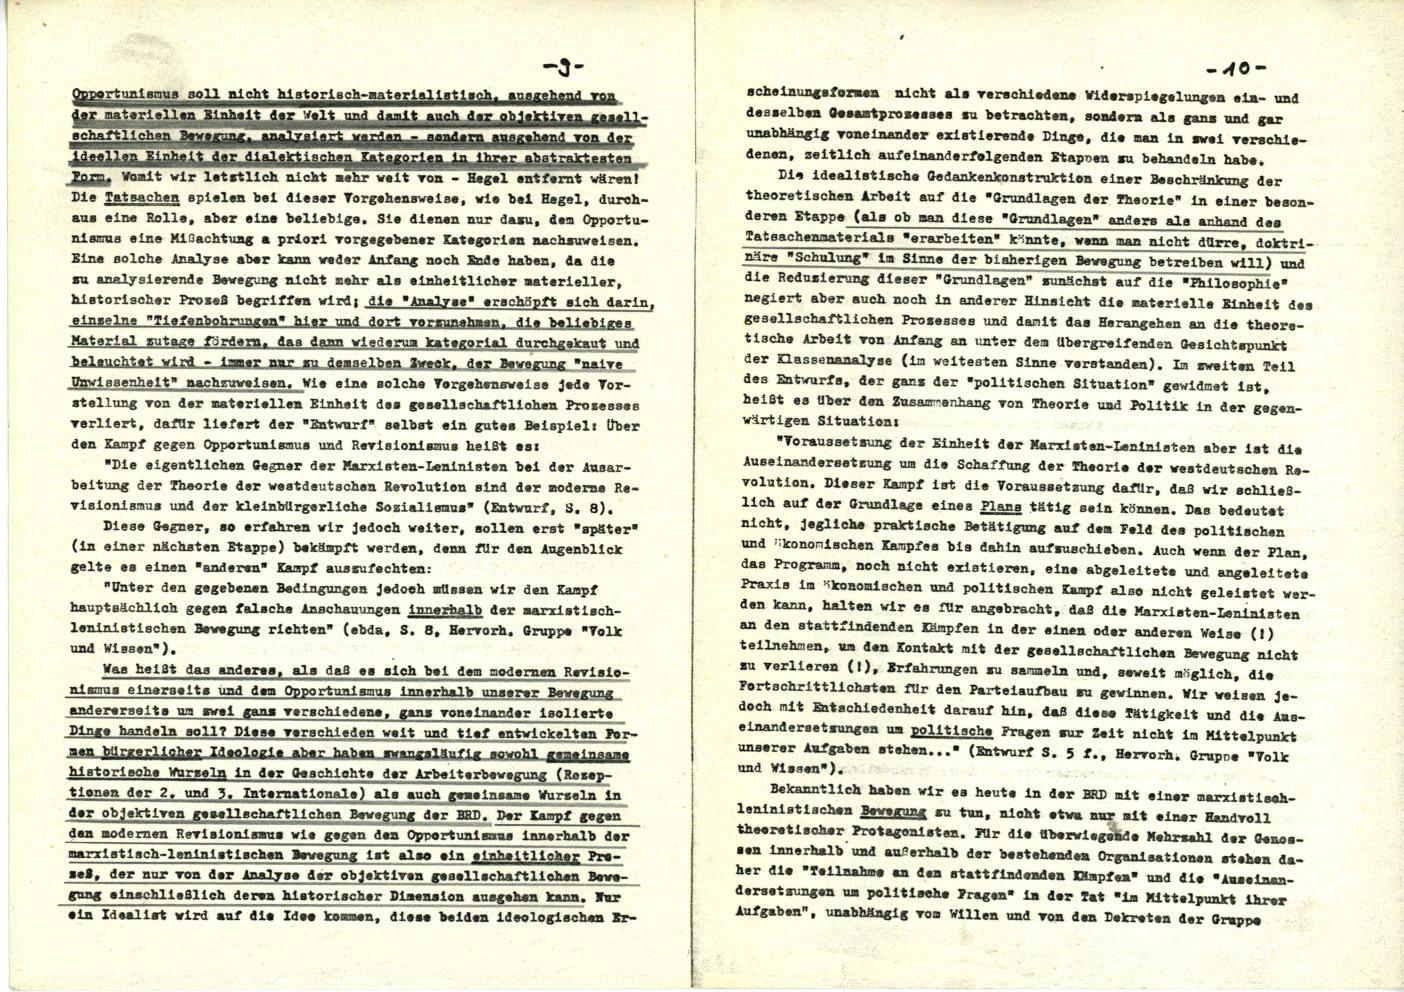 Nuernberg_Fuerth_Erlangen_ML_Diskussionsbeitraege_1978_01_06